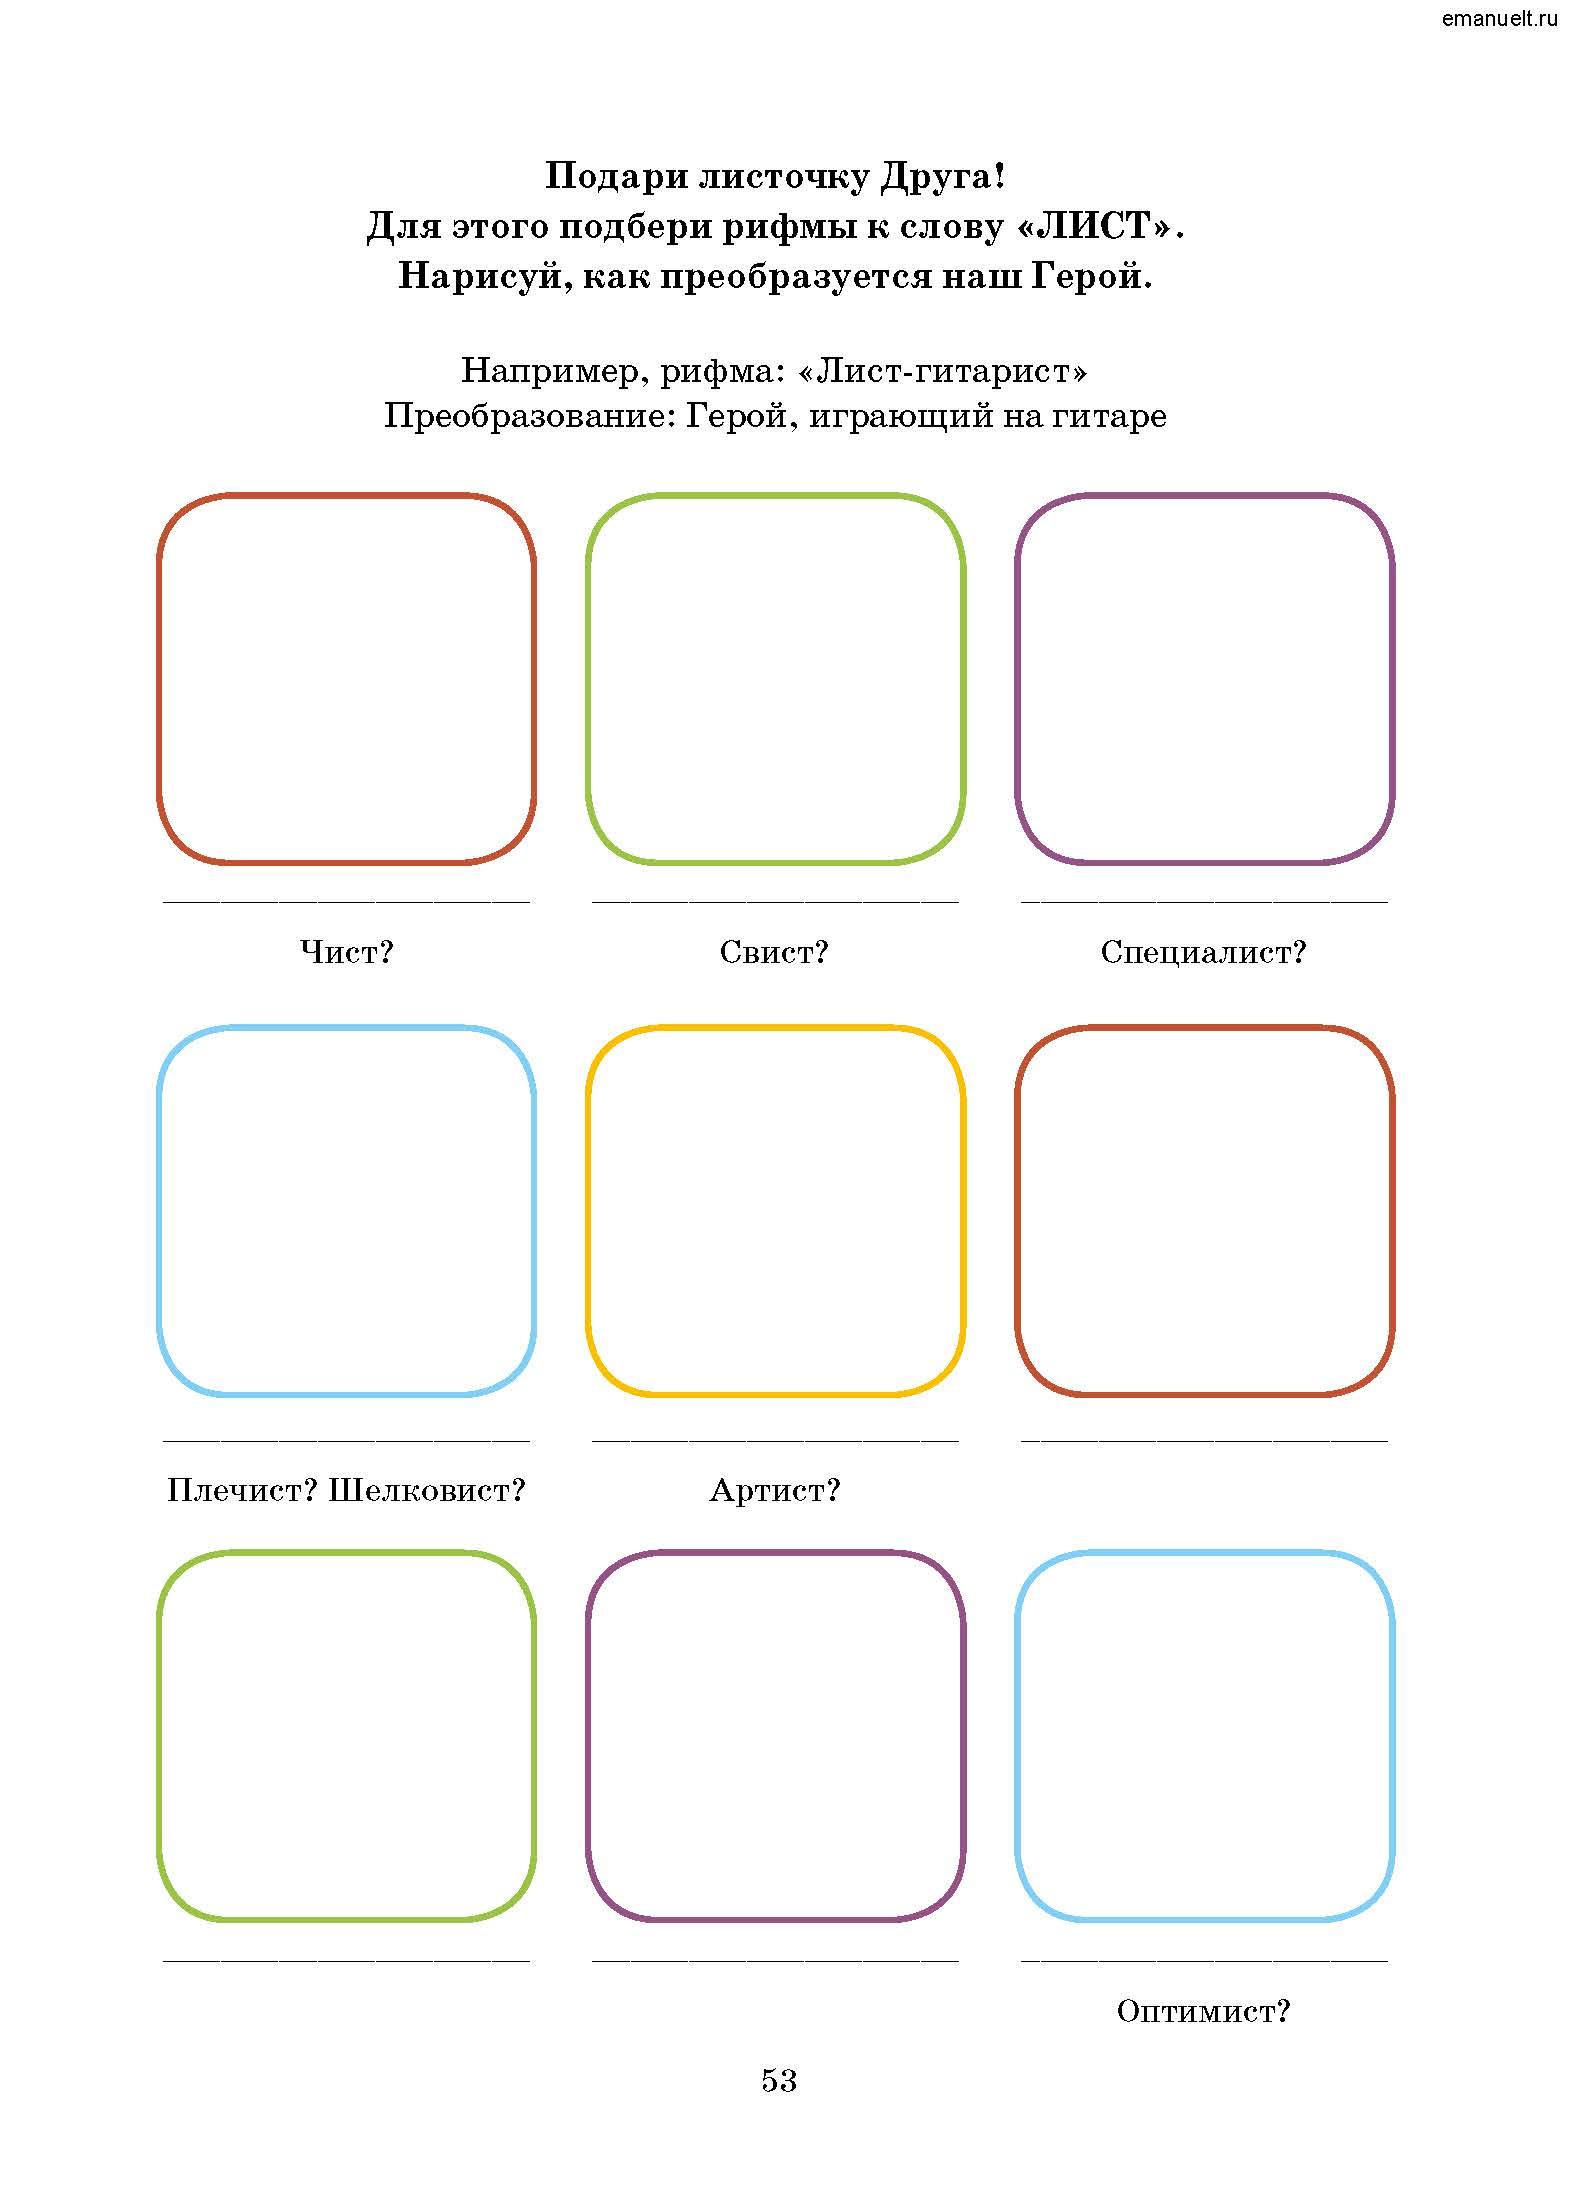 Рассказки в заданиях. emanuelt.ru_Страница_054